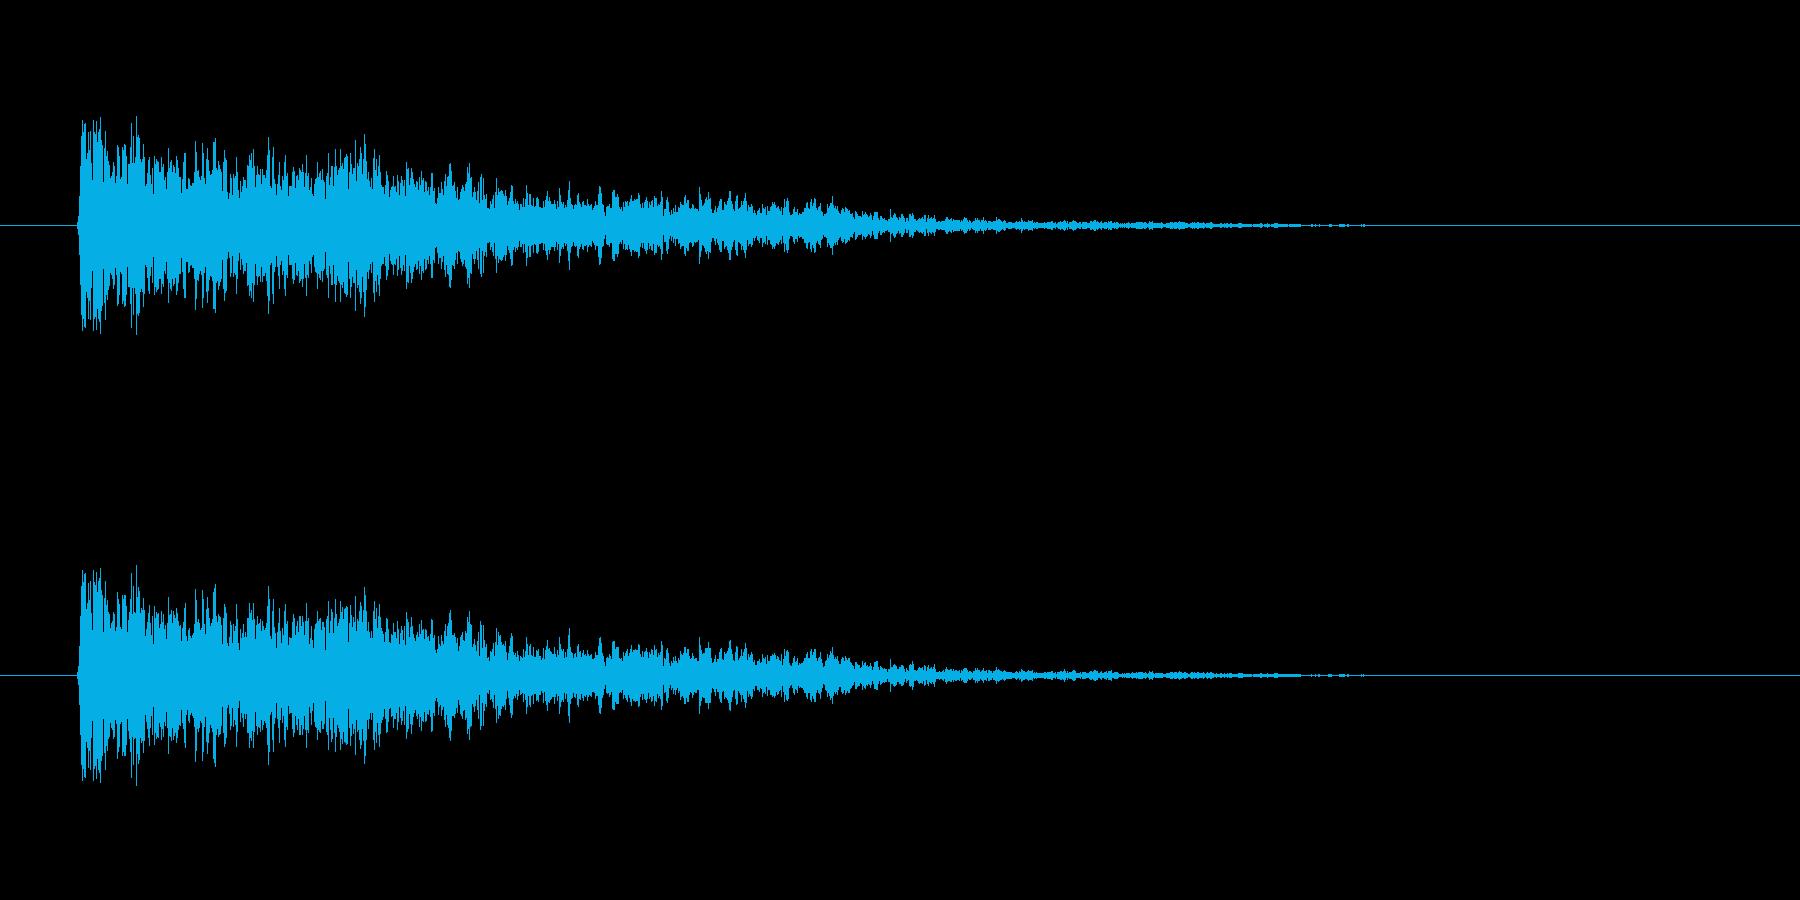 【ネガティブ02-2】の再生済みの波形